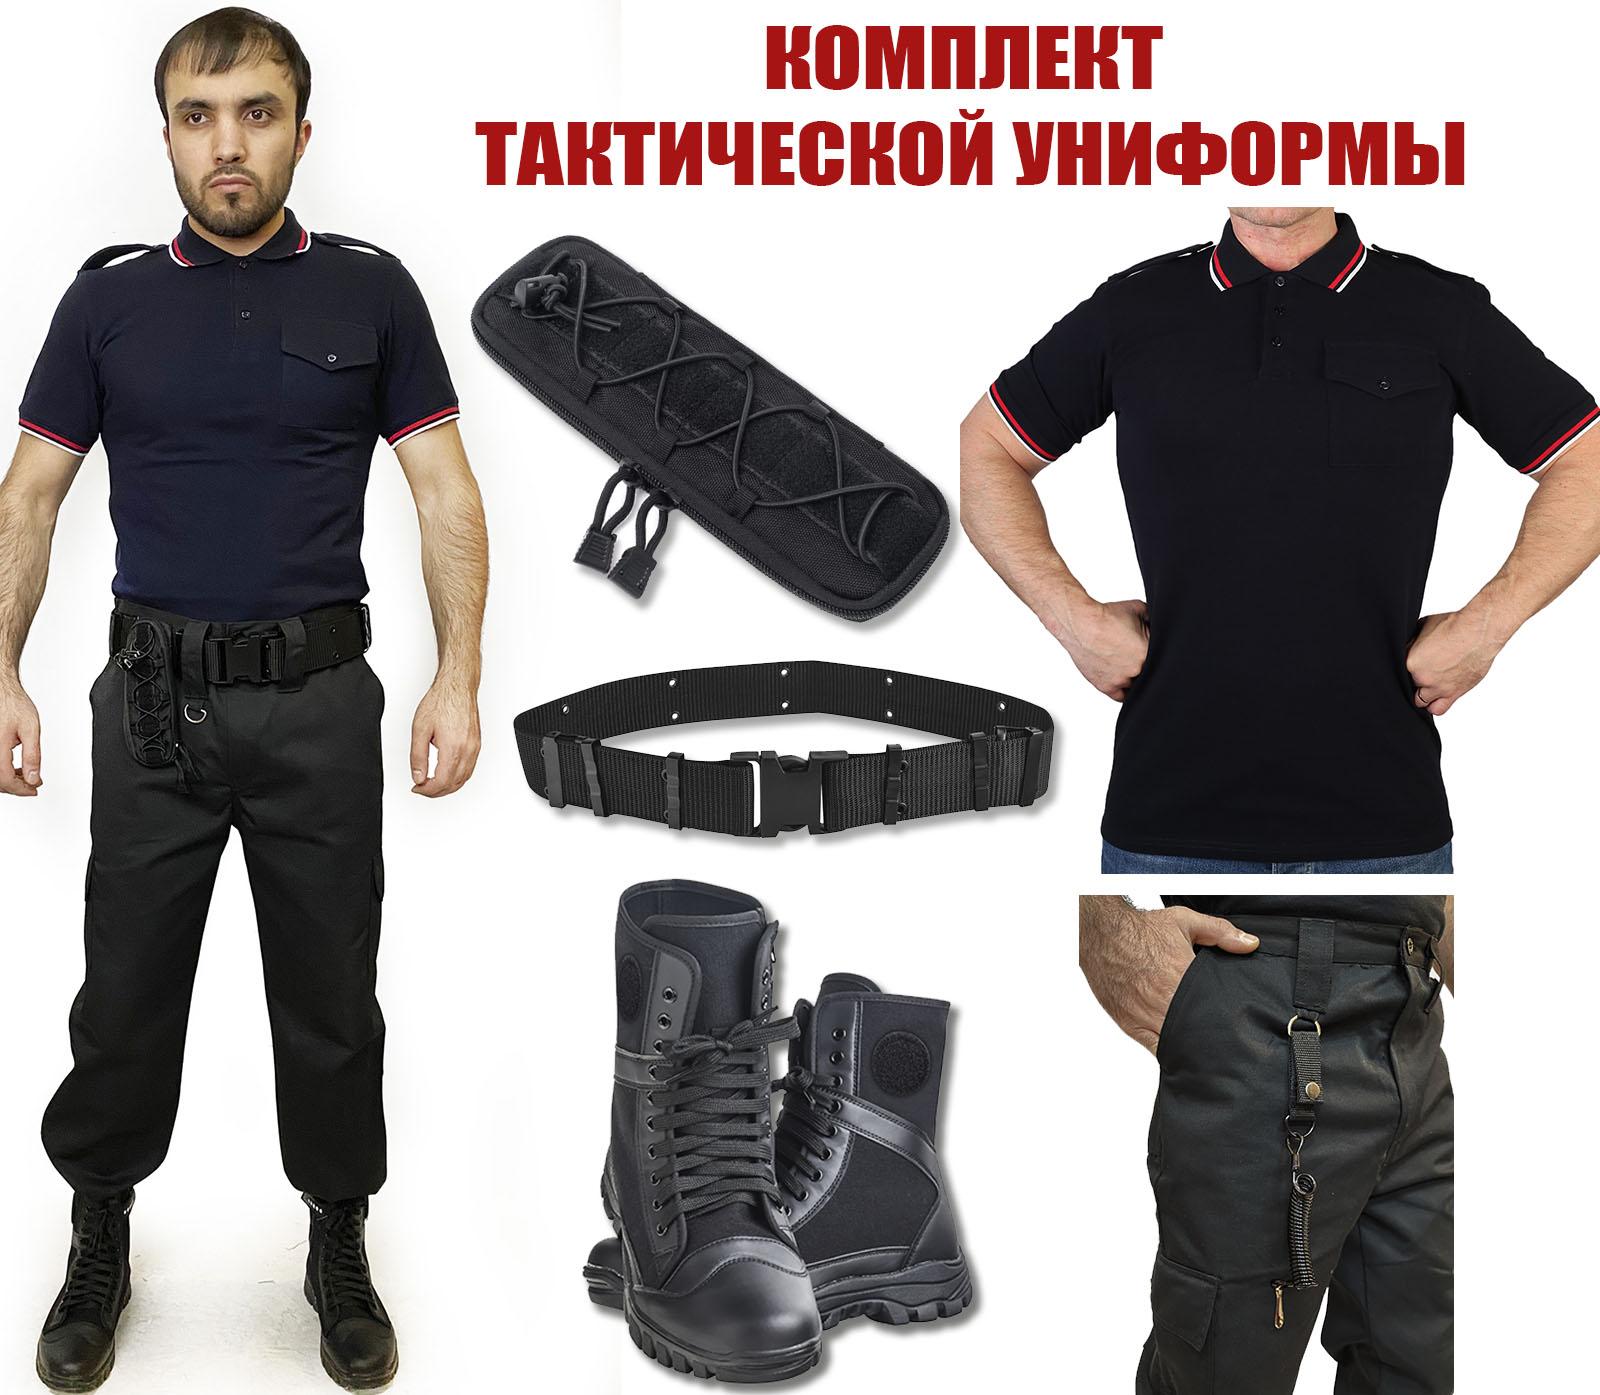 Комплект тактической униформы